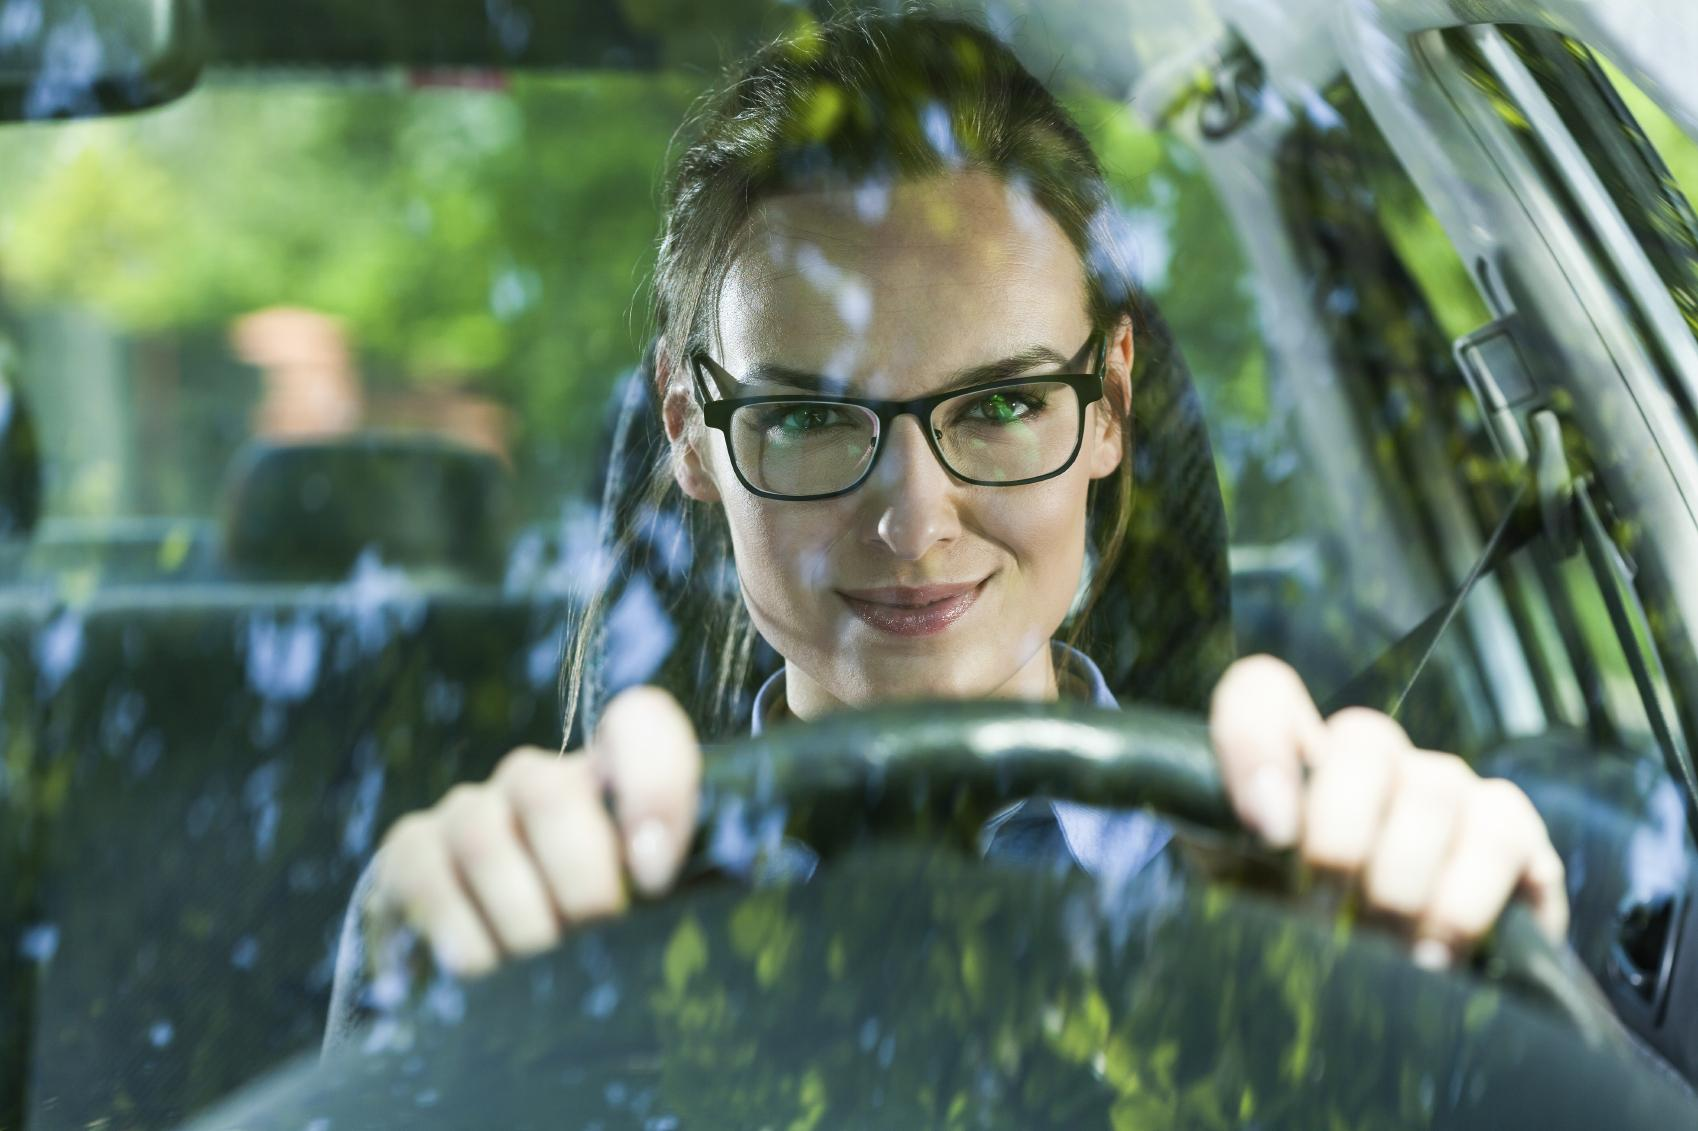 Mujer con gafas conduciendo un coche